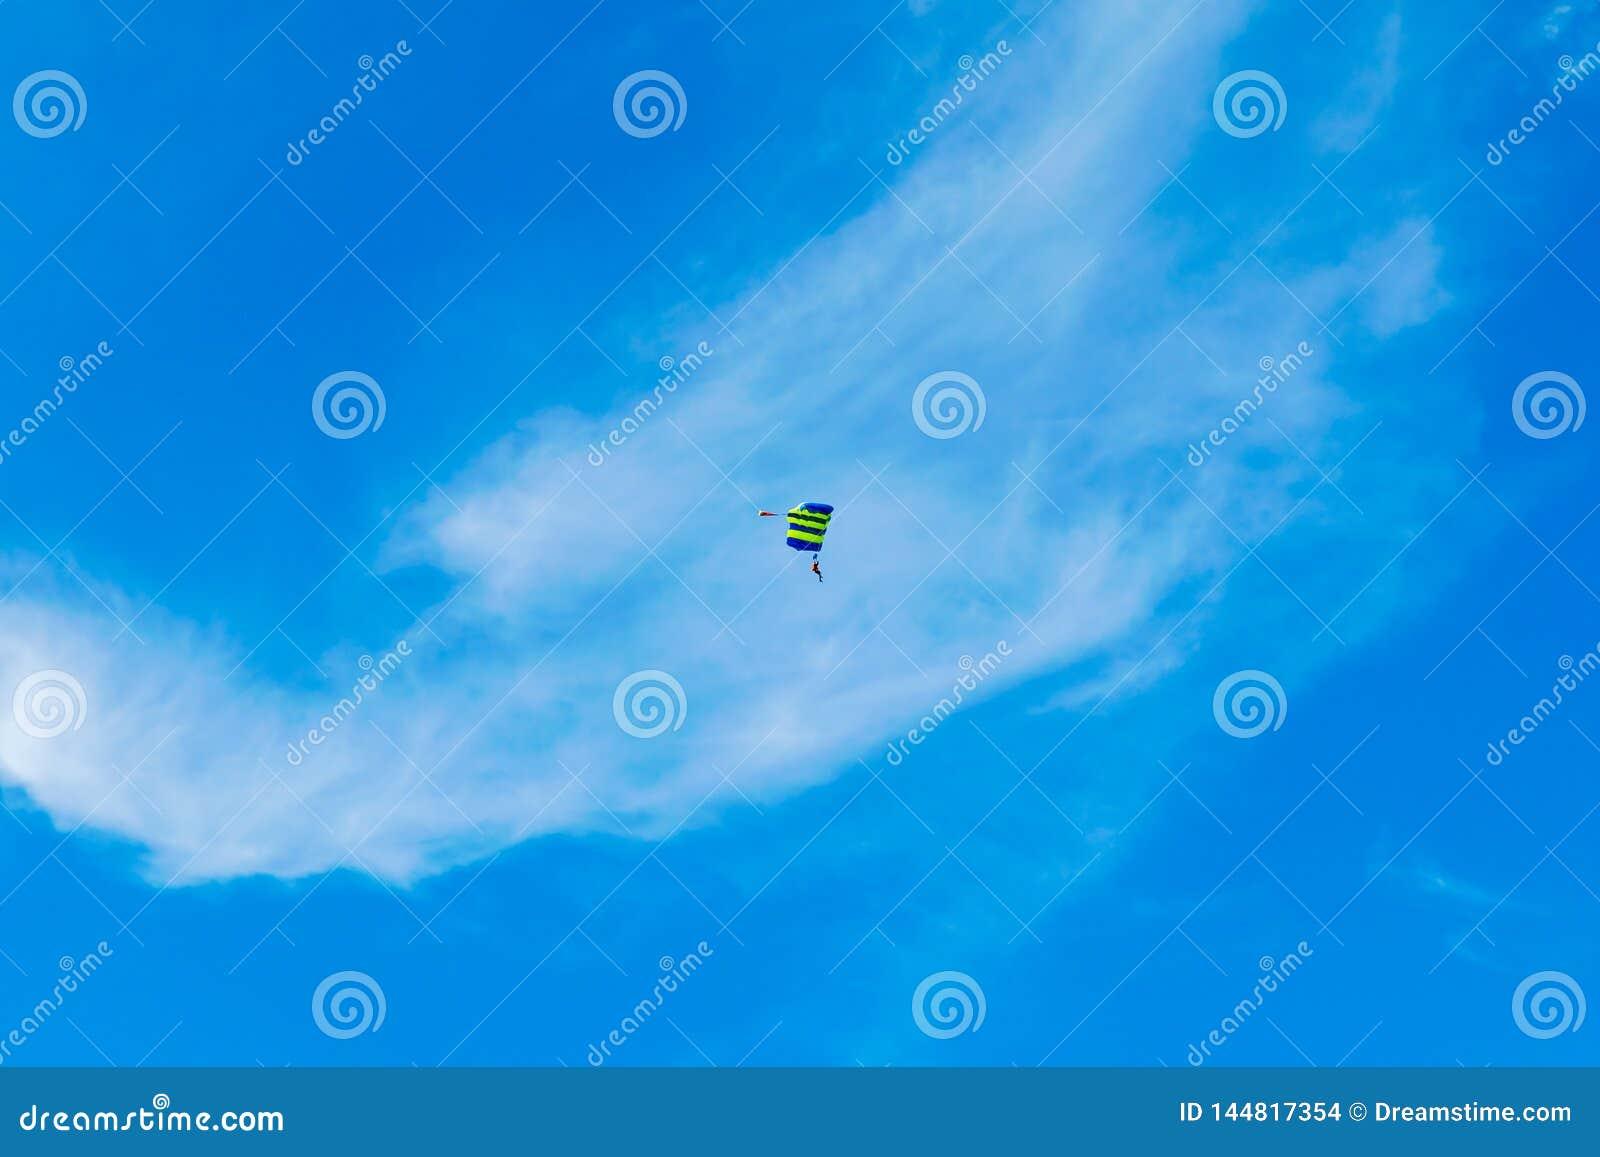 Μύγες Skydiver κάτω από το φτερό του αλεξίπτωτου